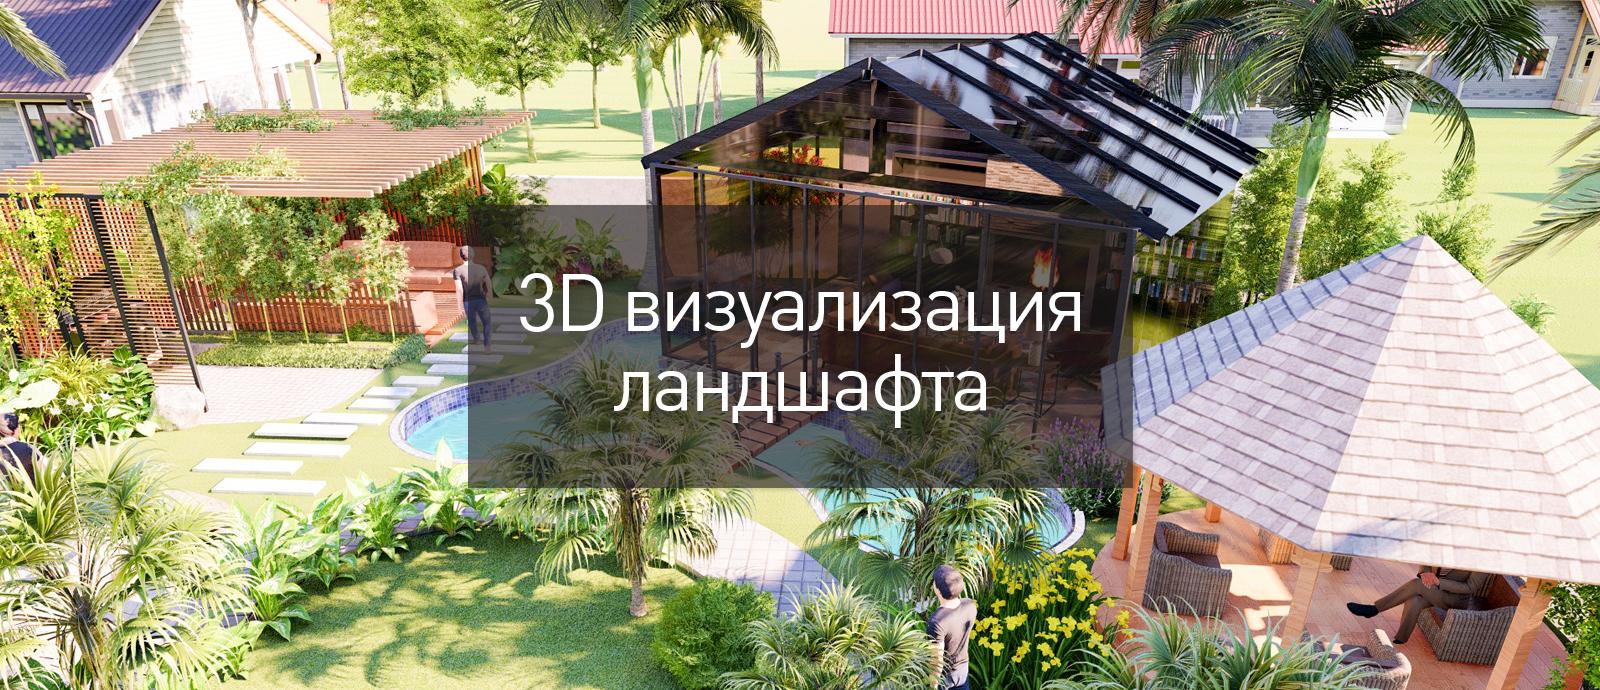 3D визуализация ландшафтного дизайна - по желанию Заказчика